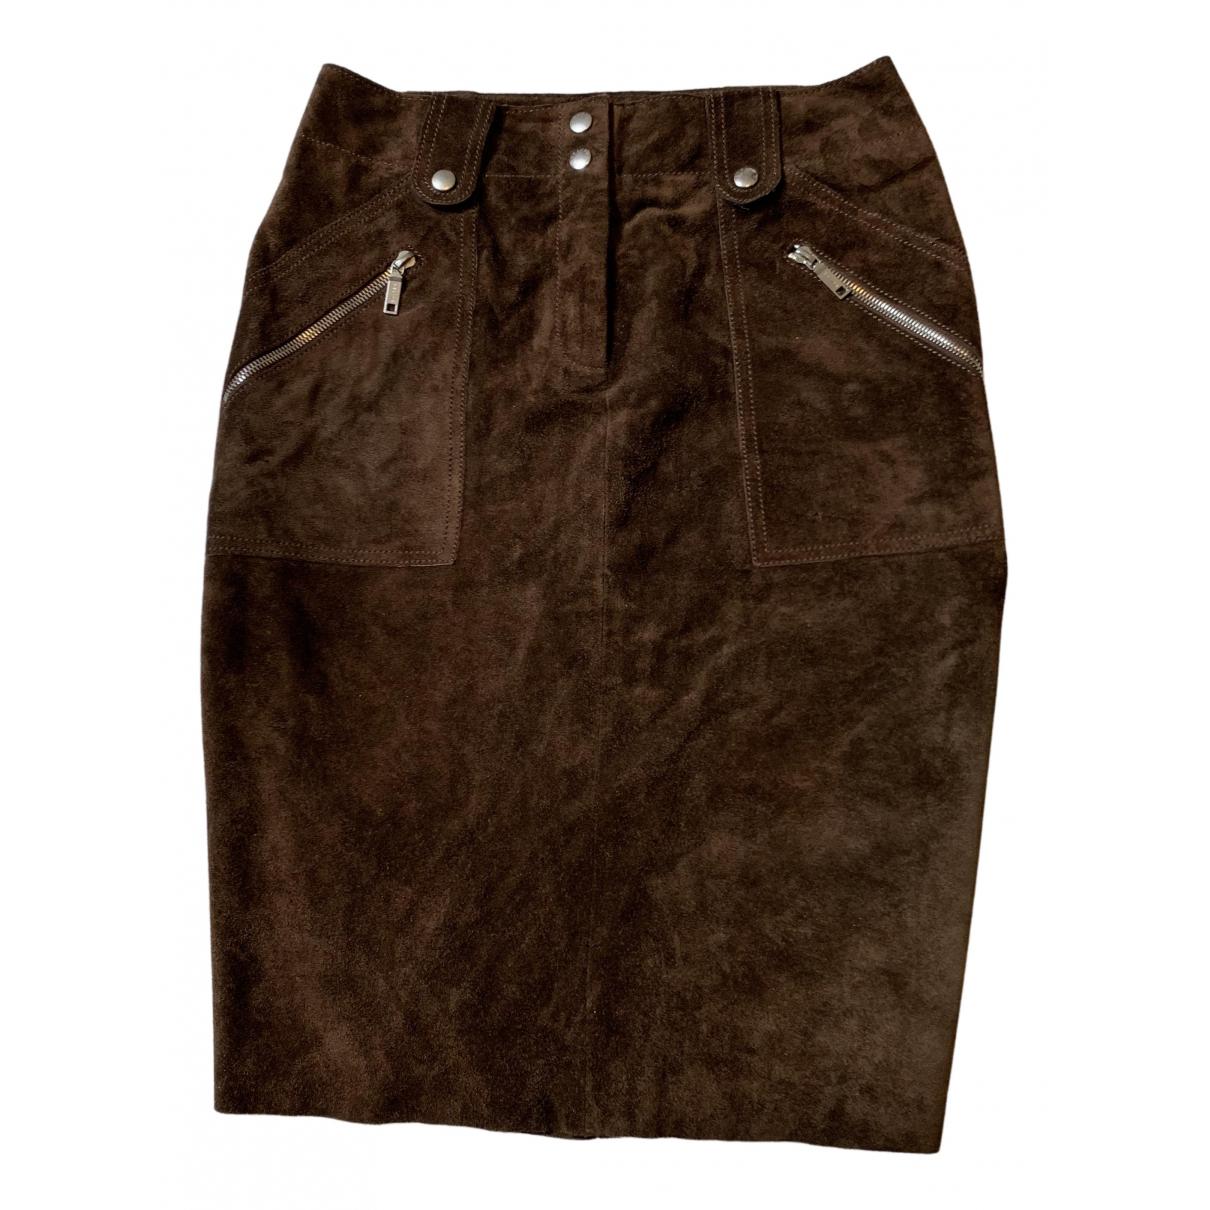 Celine N Brown Pony-style calfskin skirt for Women 38 FR